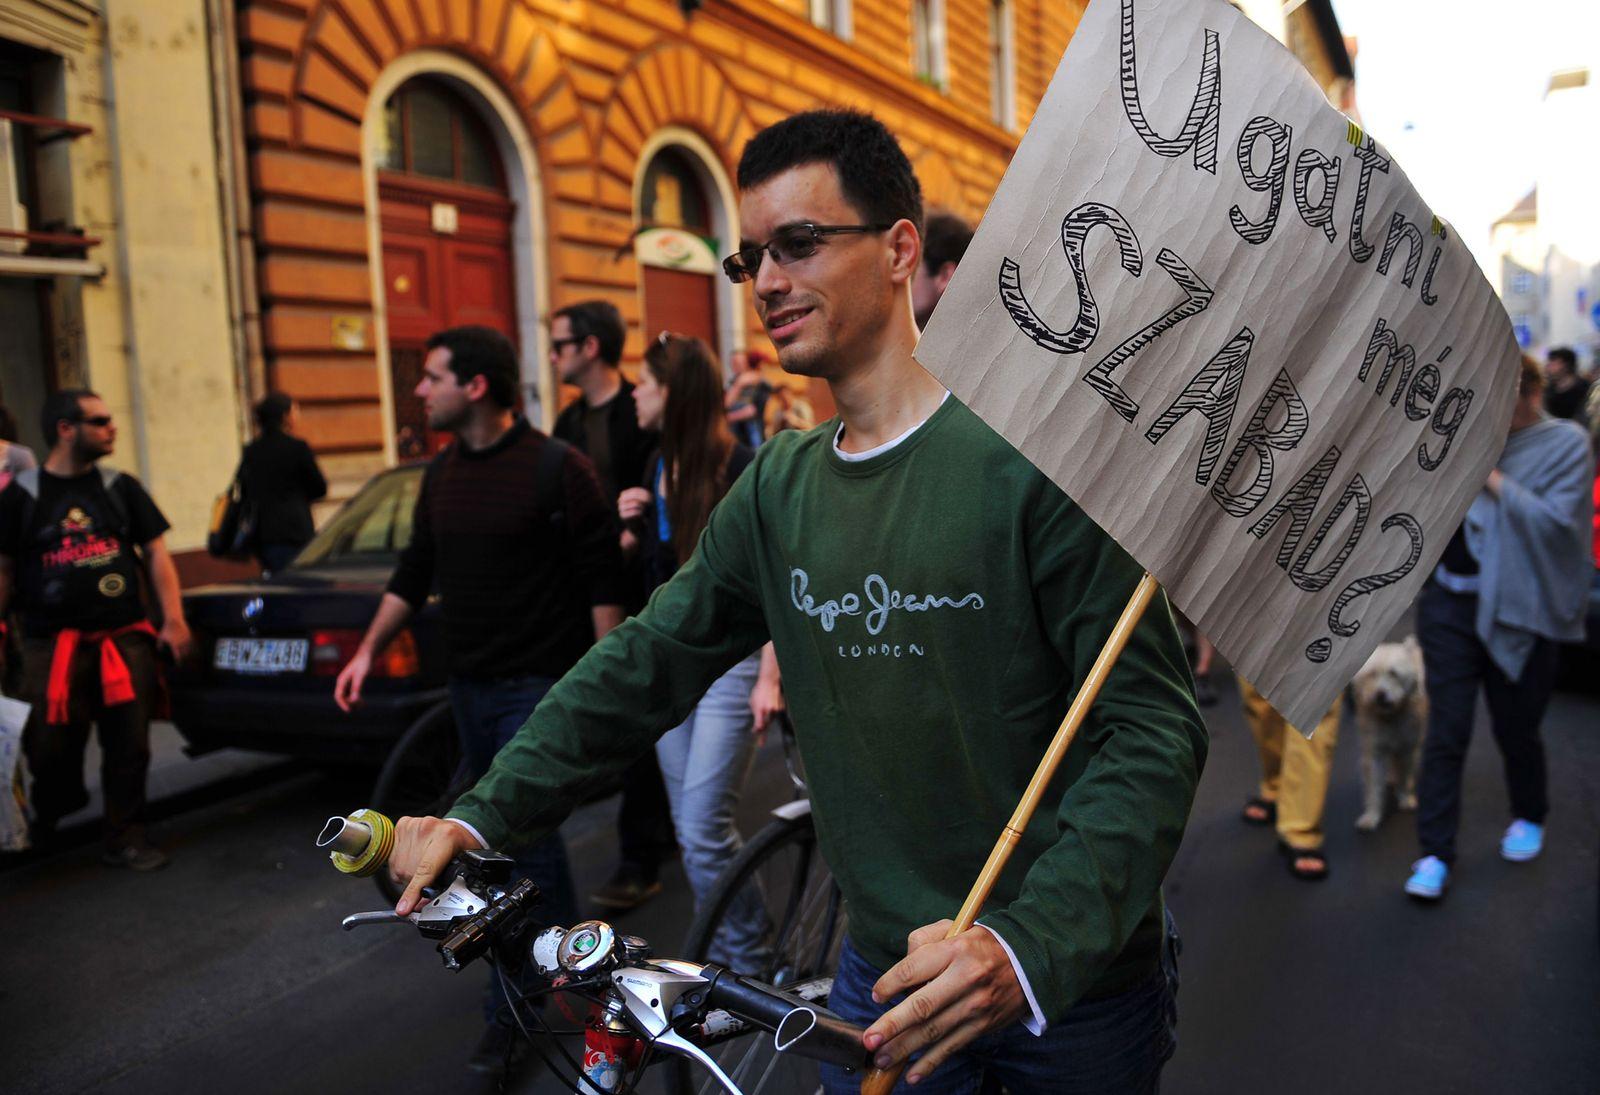 Ungarn / Pressefreiheit / Proteste